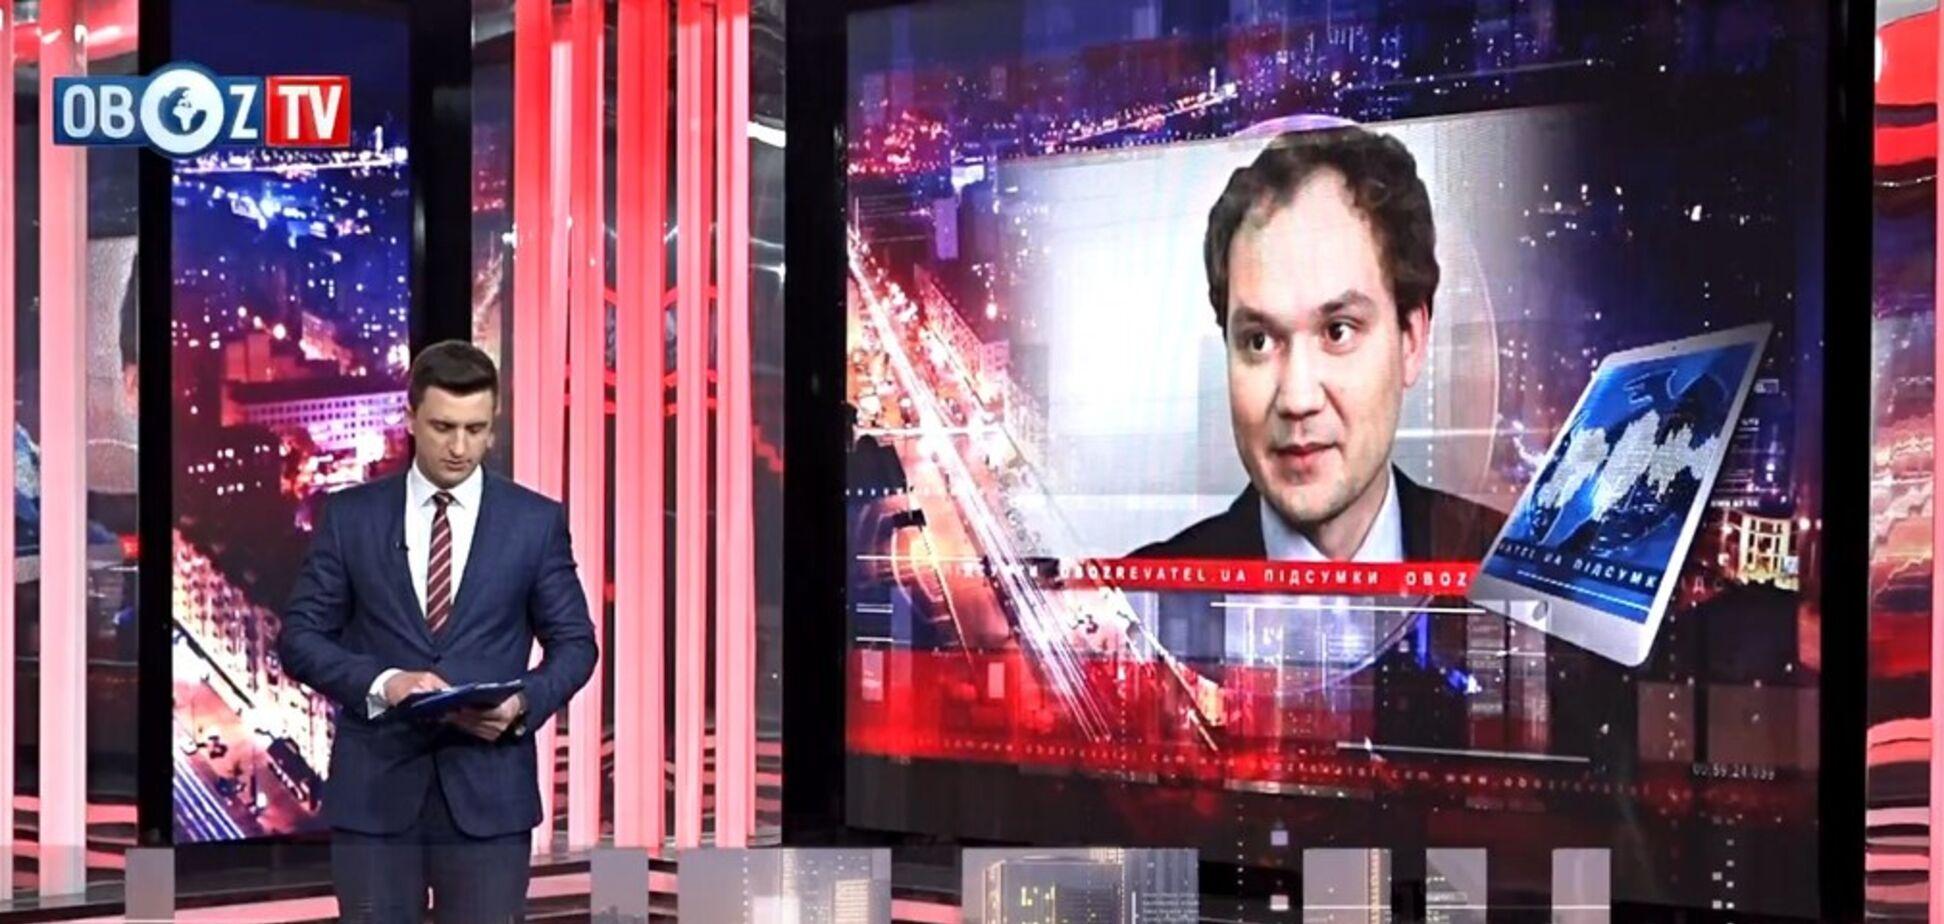 'Кремлю вигідно': названа цінність Вишинського для Путіна